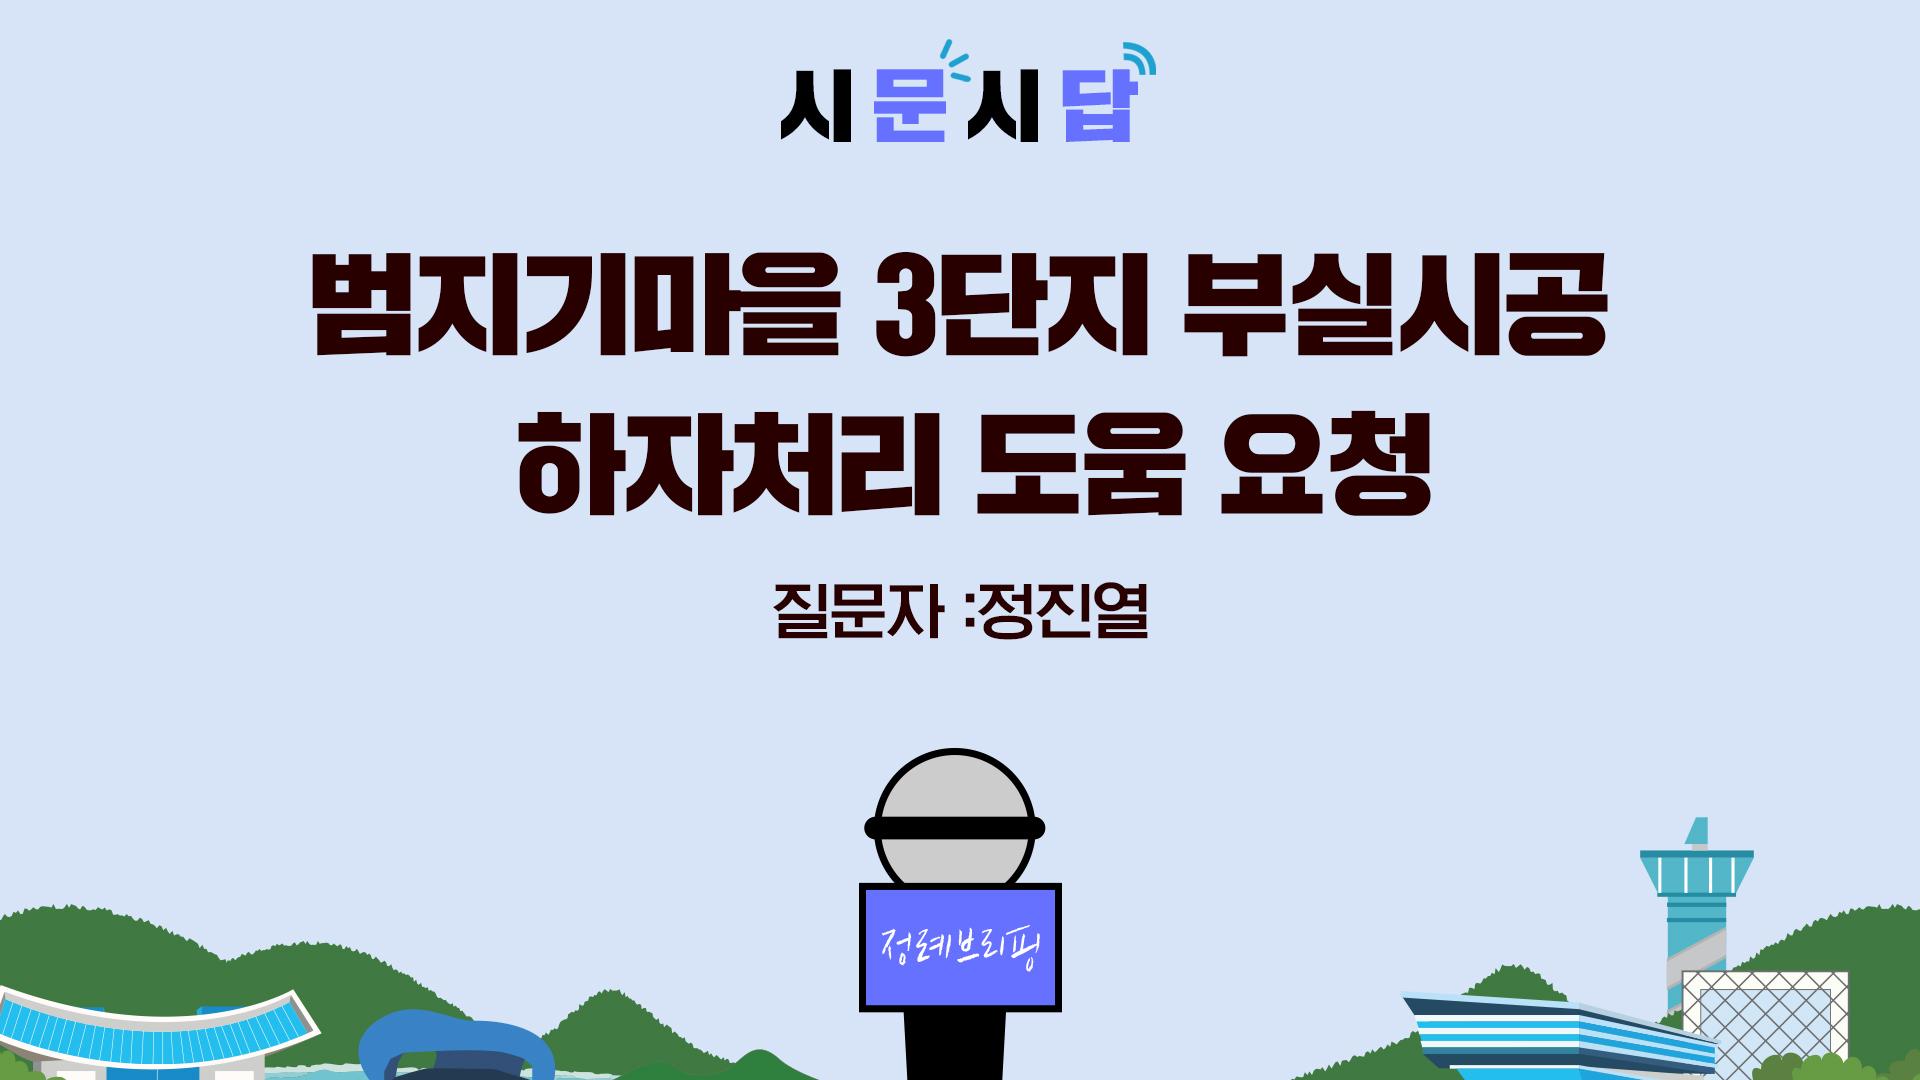 <시문시답> 범지기마을 3단지 부실시공 하자처리 도움 요청